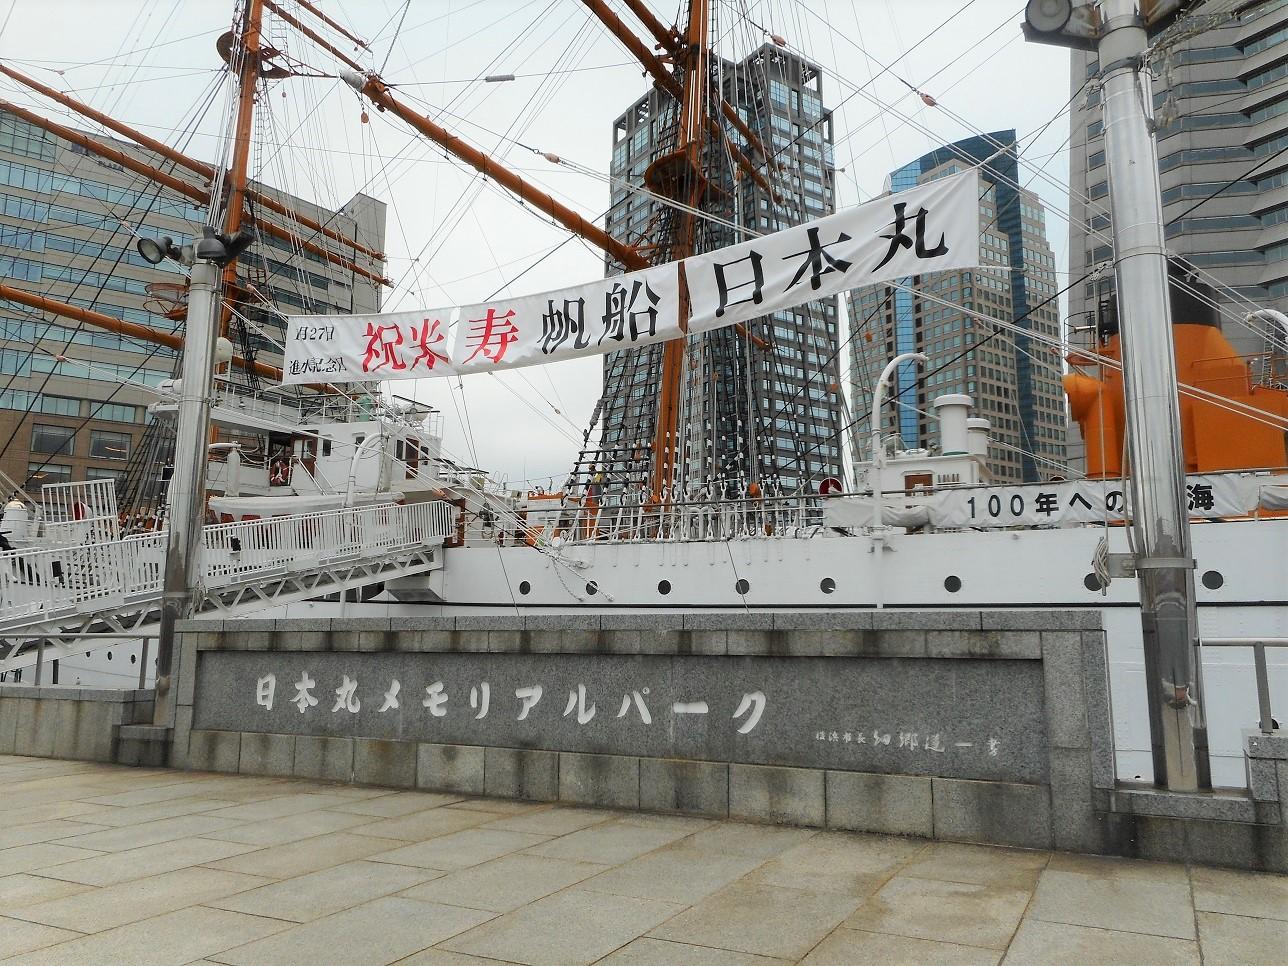 日本丸メモリアルパーク(神奈川・横浜市)